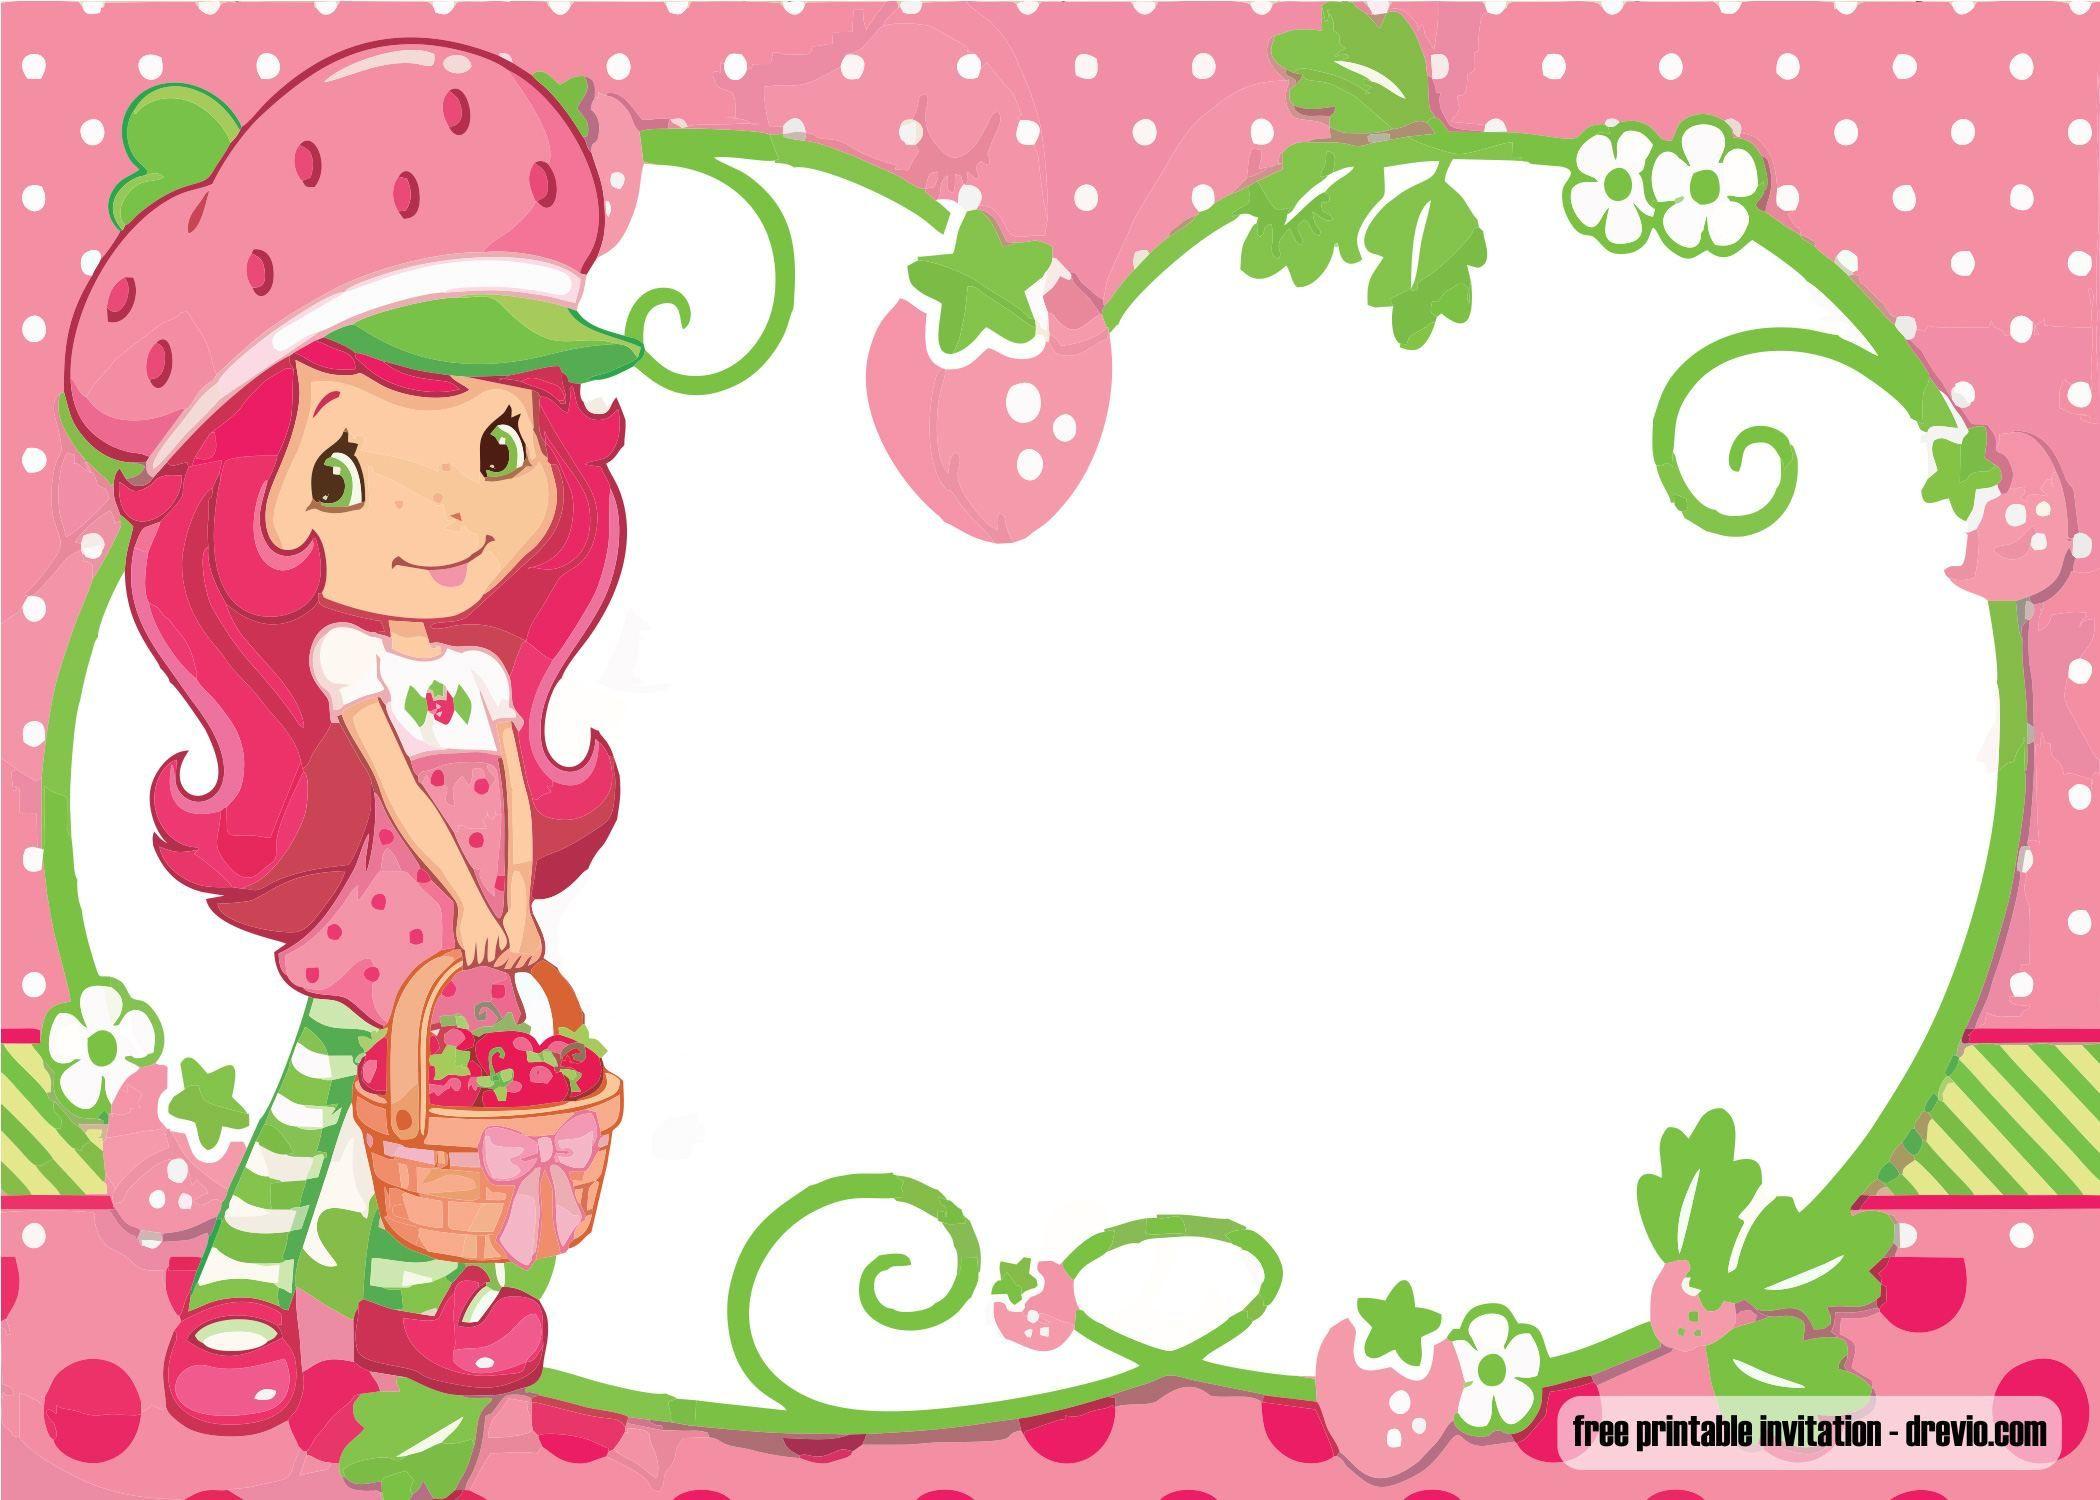 Strawberry Shortcake Birthday Invitations  Strawberry Shortcake Birthday Invitations